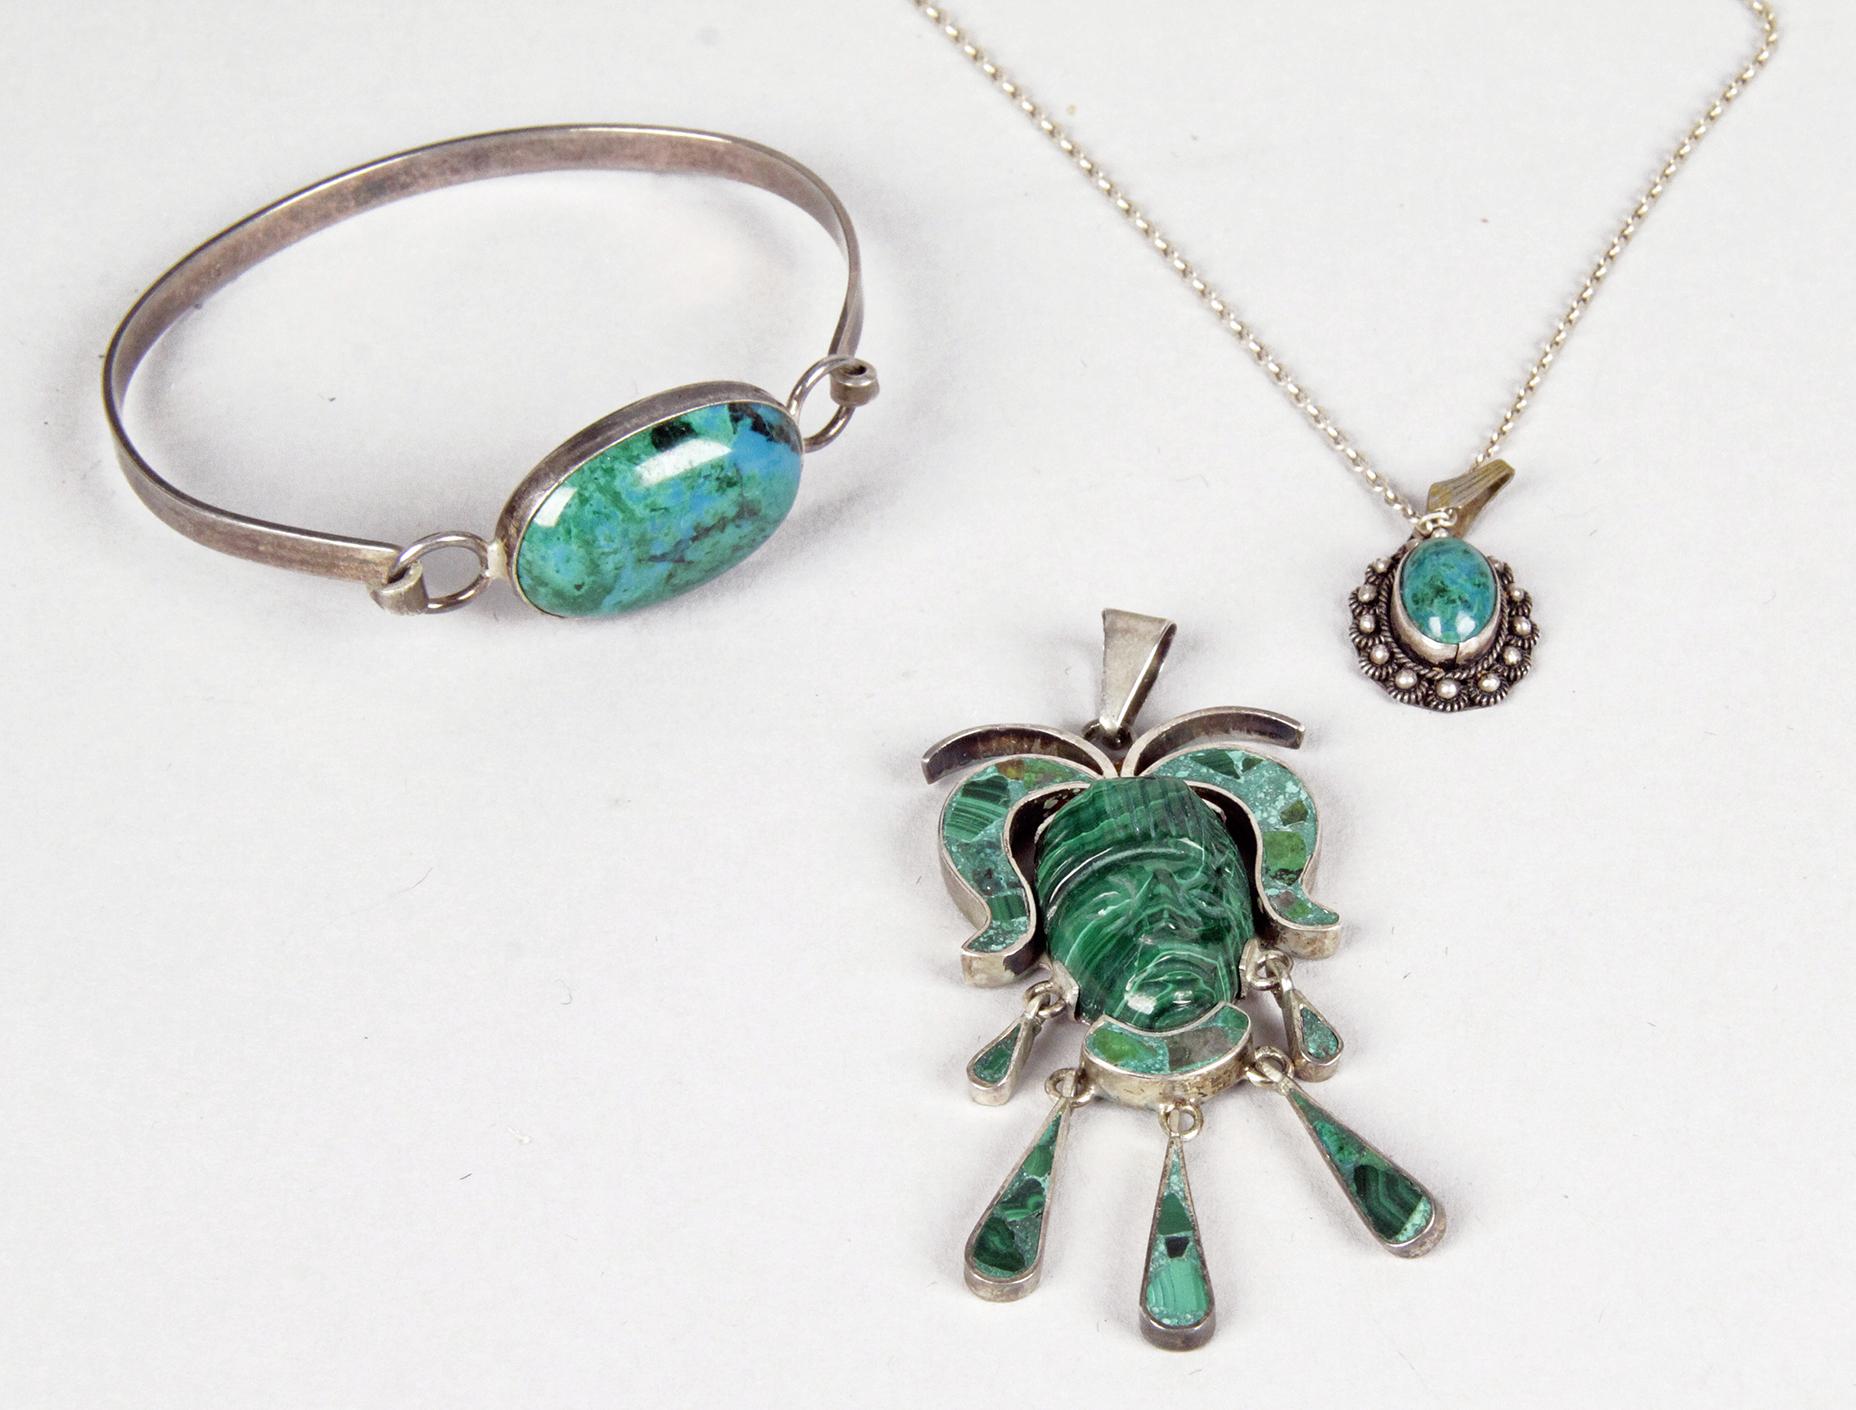 JAGENIE Femme Ensemble de bijoux f/ête Bal vintage imitation pierre pr/écieuse Pendentif Collier Boucles doreilles /à tige